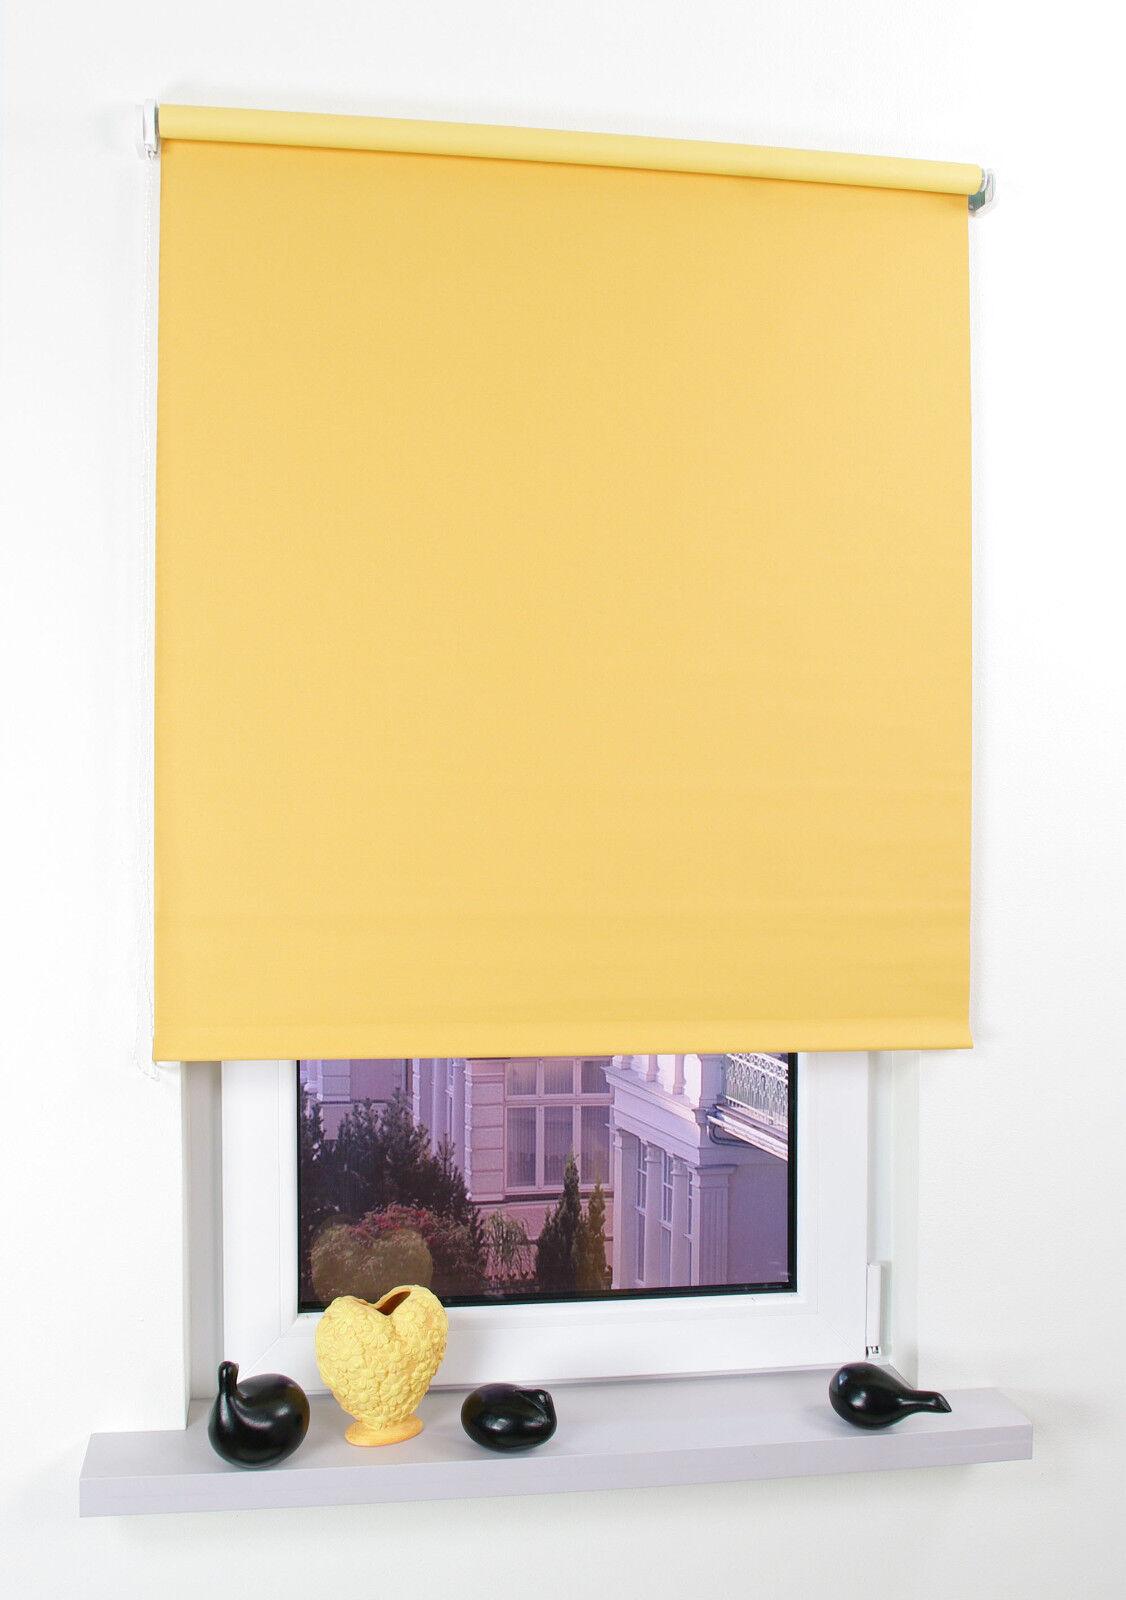 Kettenzugrollo Seitenzugrollo Fenster Rollo Sonnenschutz gelb verdunkelnd